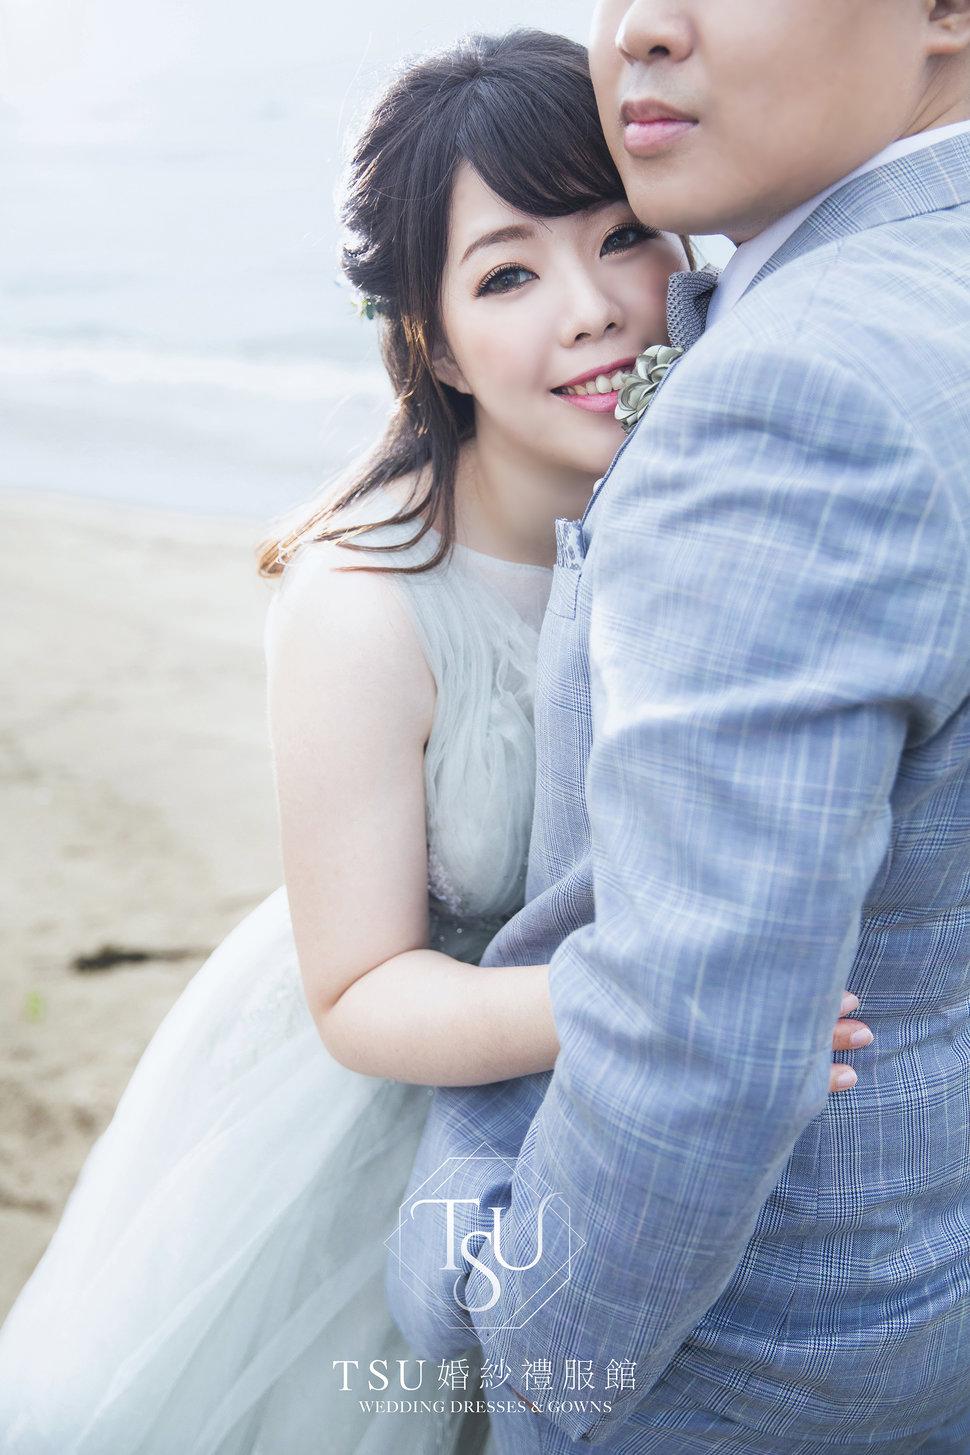 LK0A4583-1 - TSU婚紗禮服館《結婚吧》